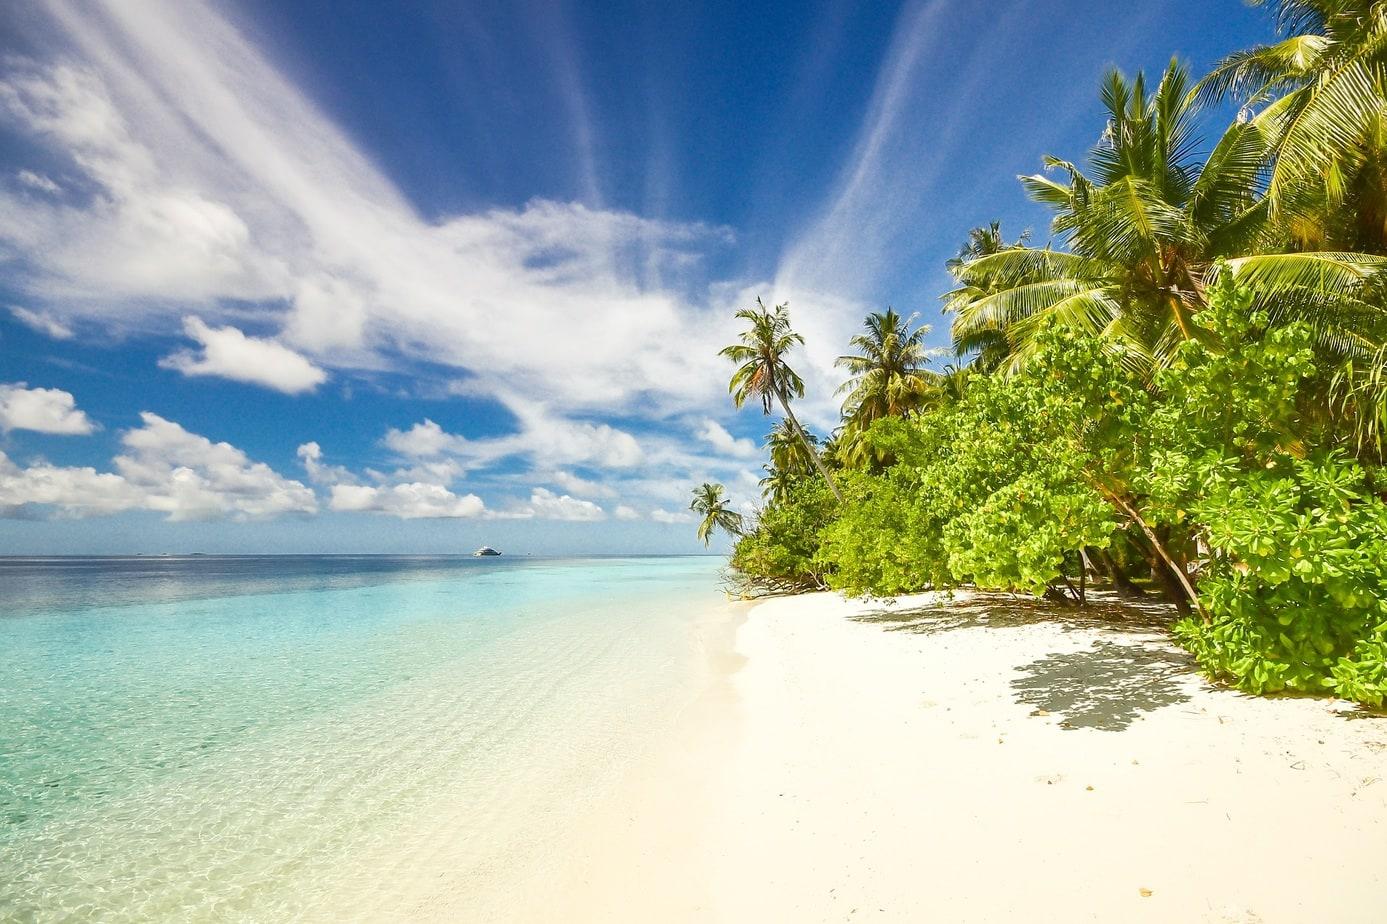 pexels-asad-photo-maldives-457878